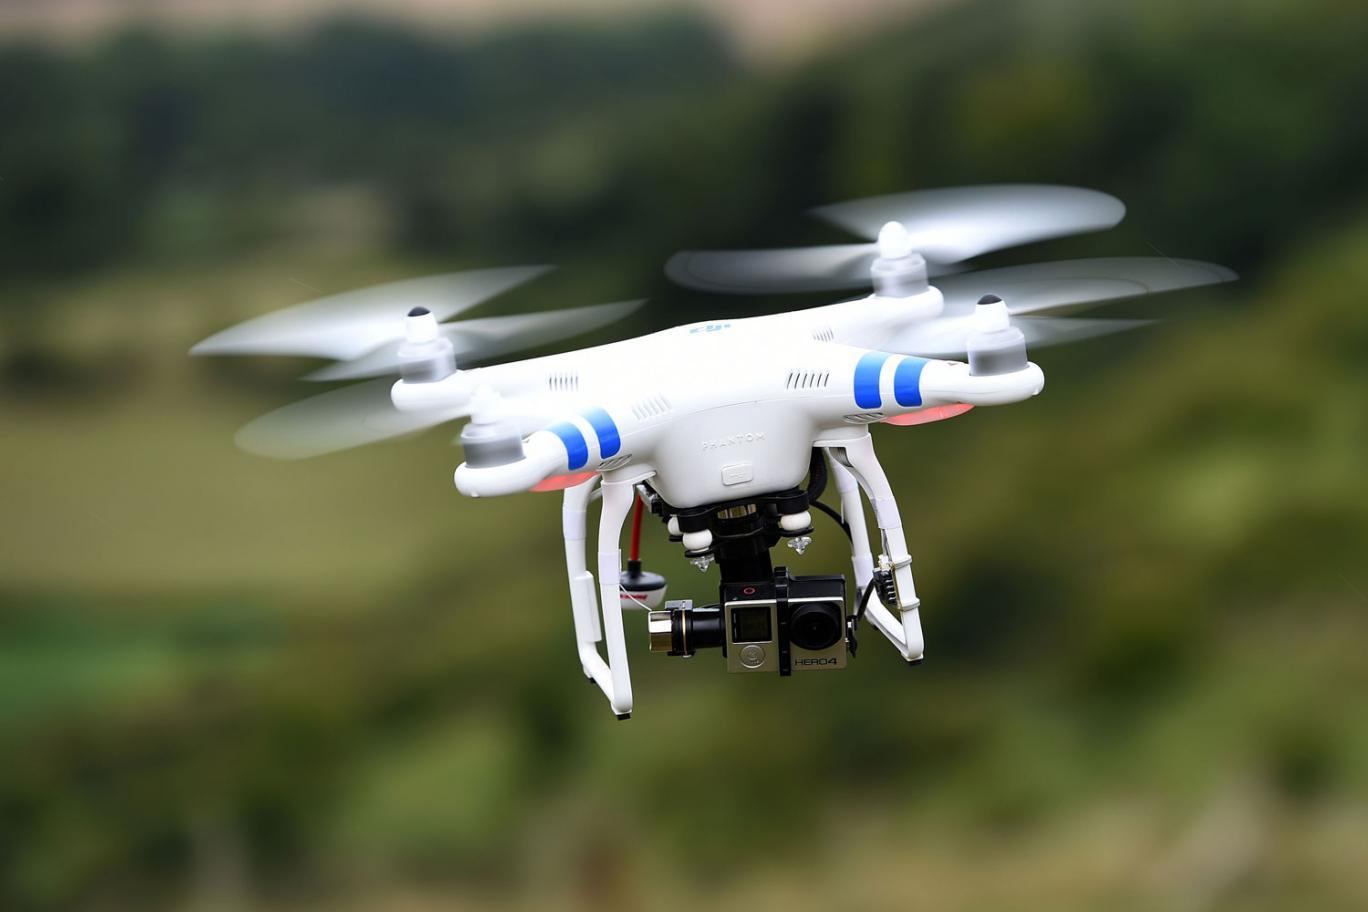 Scotland Yard pensa ai droni per inseguire i ladri